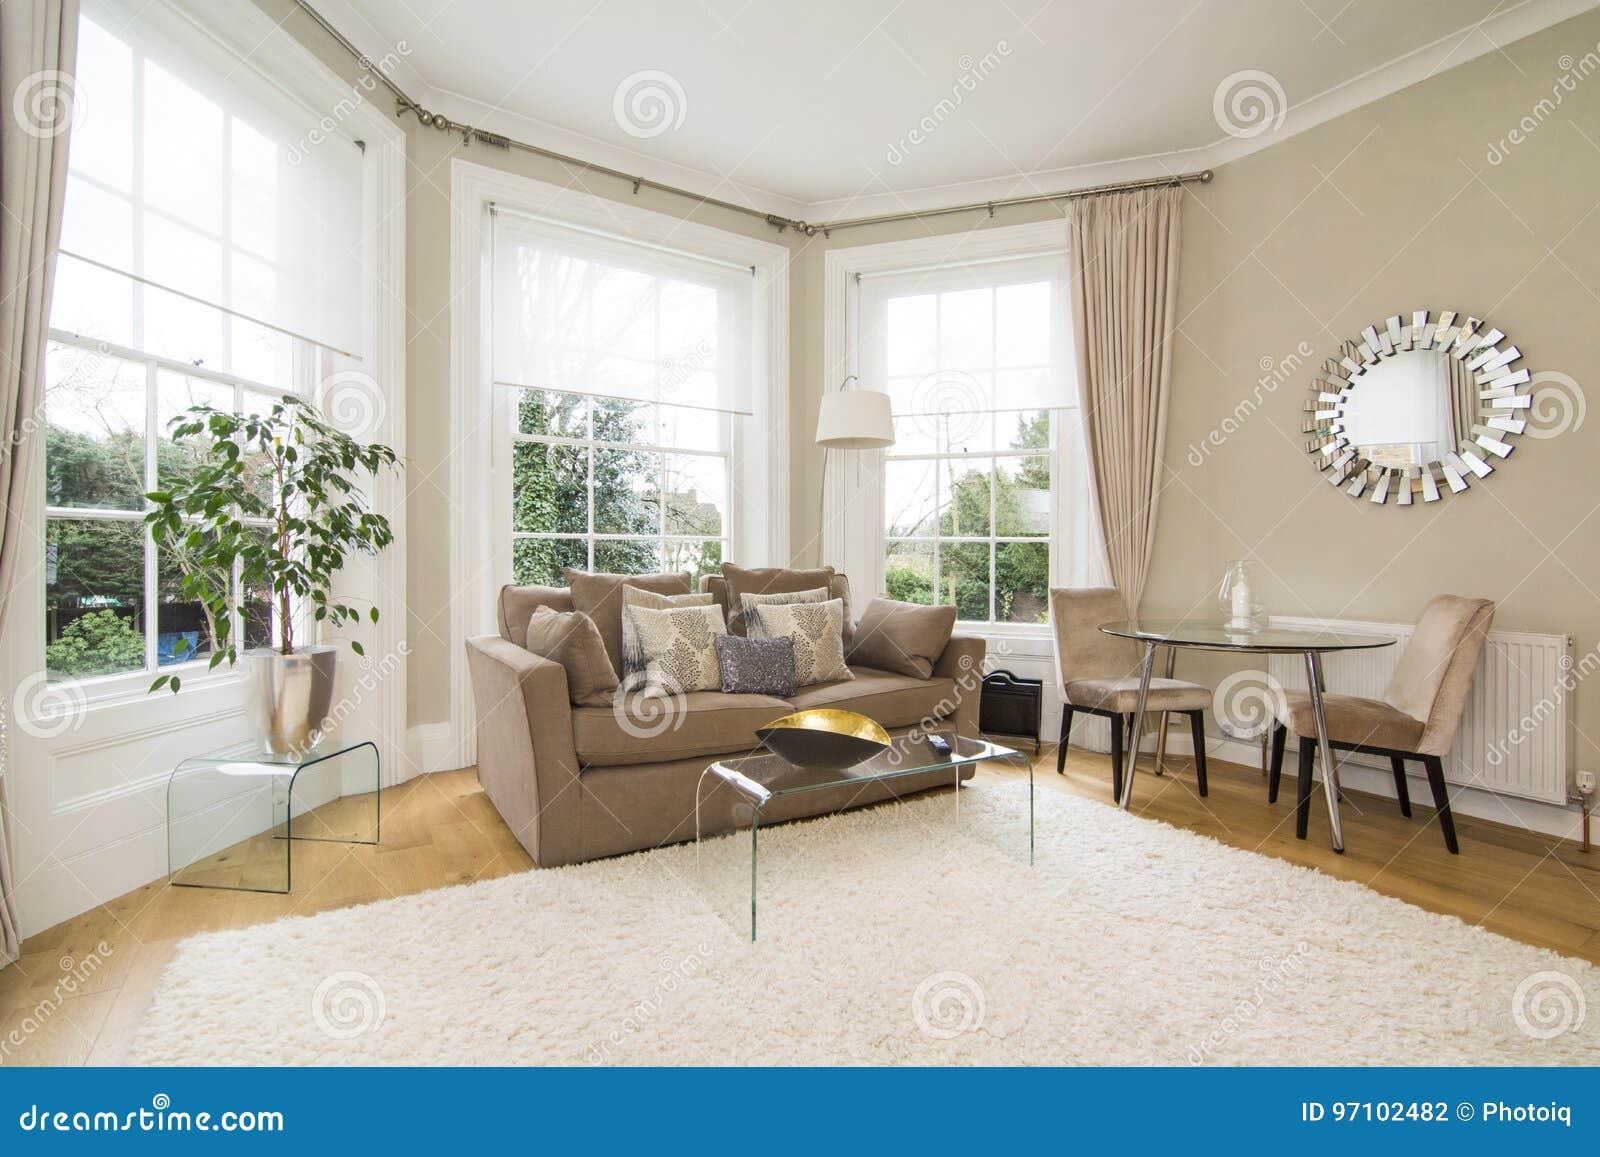 salon classique avec la grande fen tre en saillie faisant face au beau jardin photo stock. Black Bedroom Furniture Sets. Home Design Ideas